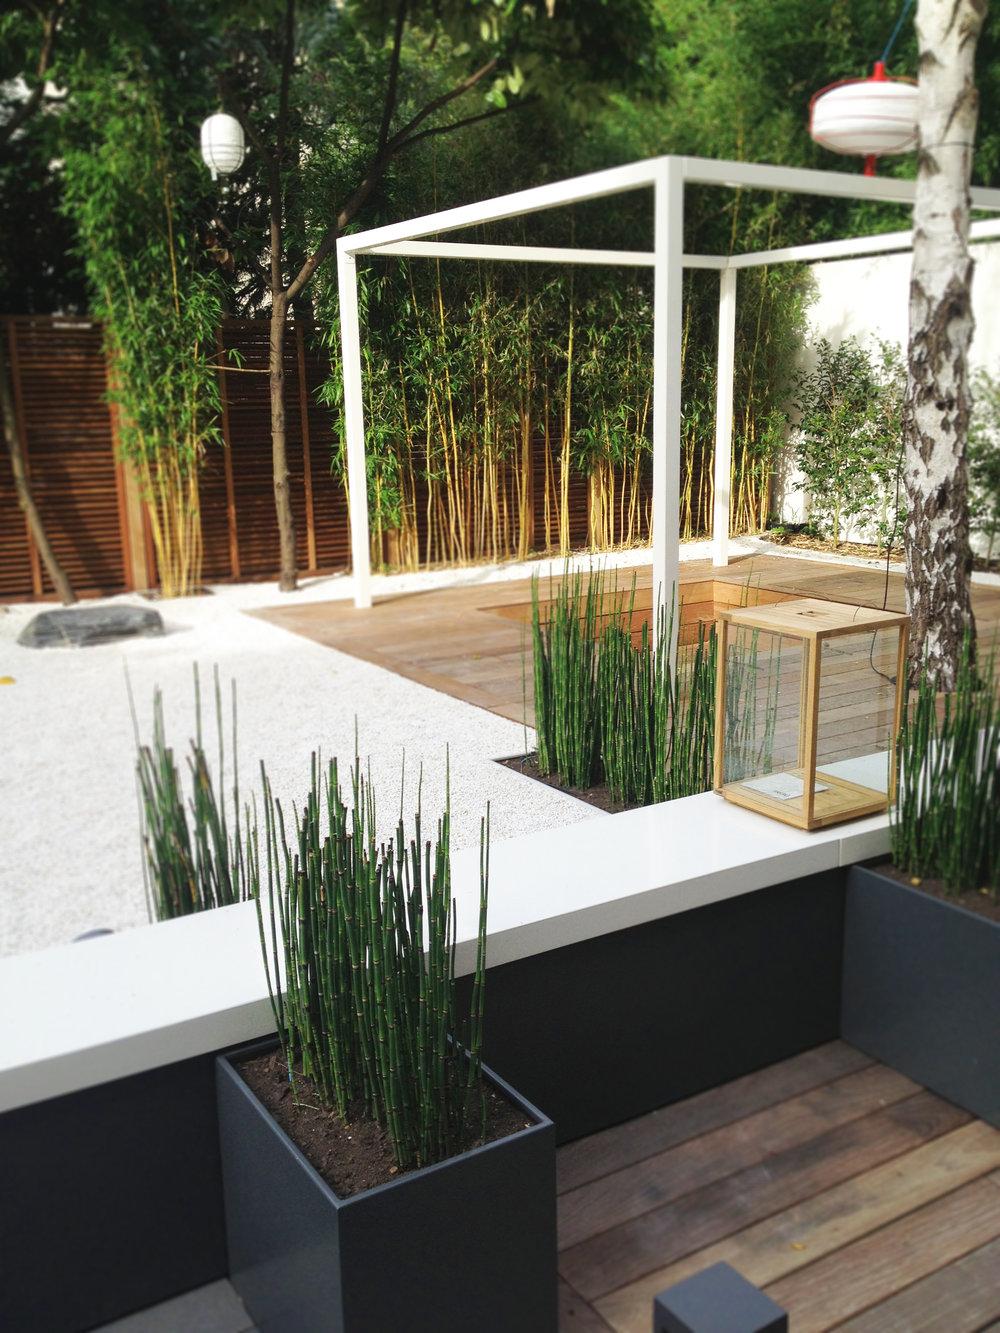 Jardin Blanc, Neuilly-sur-Seine   Le jardin zen créé par l'Agence Christophe Gautrand & Associés est une composition, un décor, un paysage qu'il convient simplement de contempler pour se libérer du quotidien.